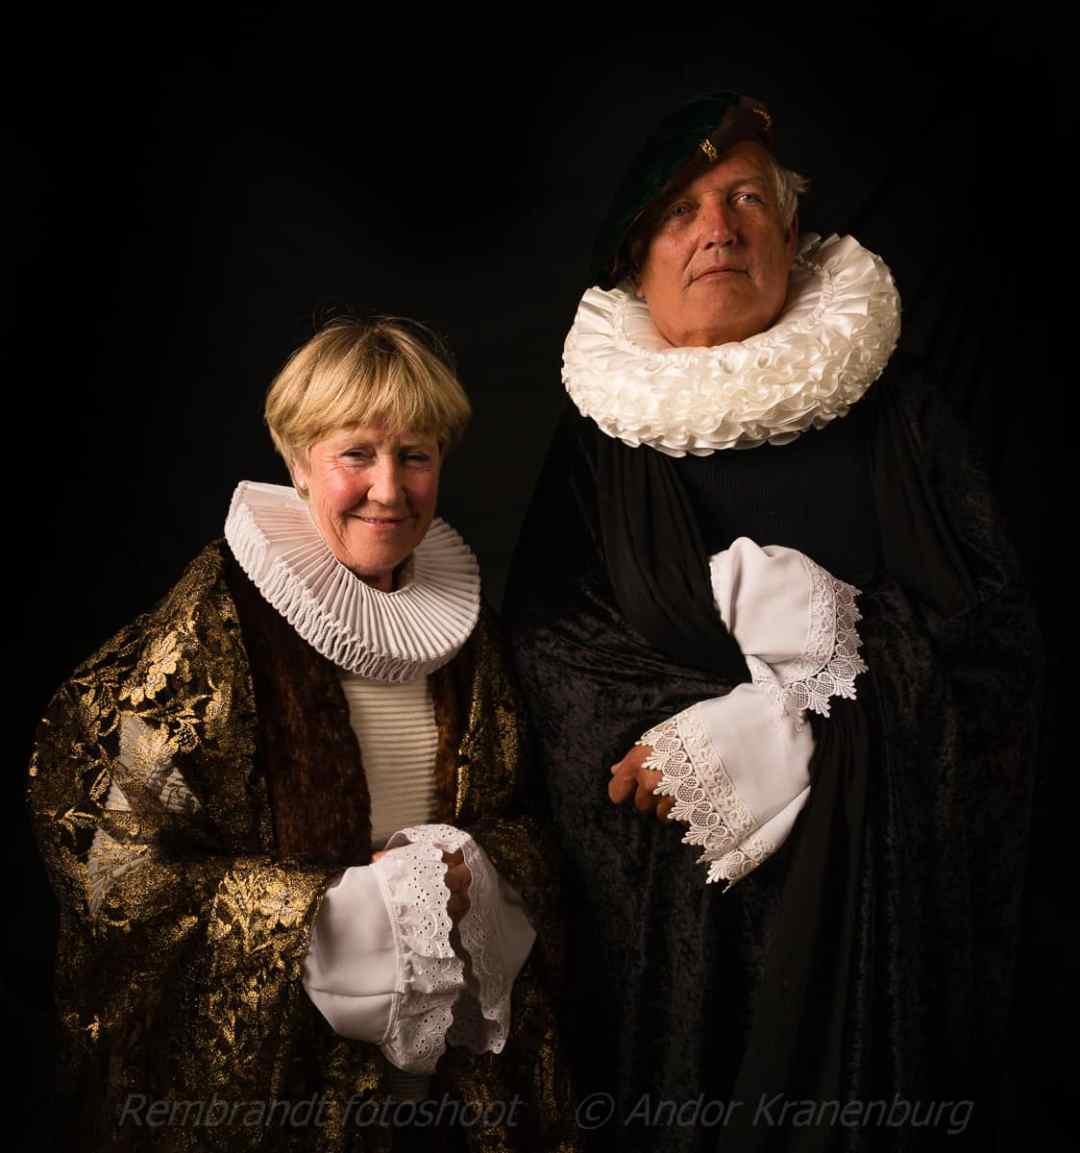 Rembrandt Nacht van Ontdekkingen 2019 Andor Kranenburg-9001